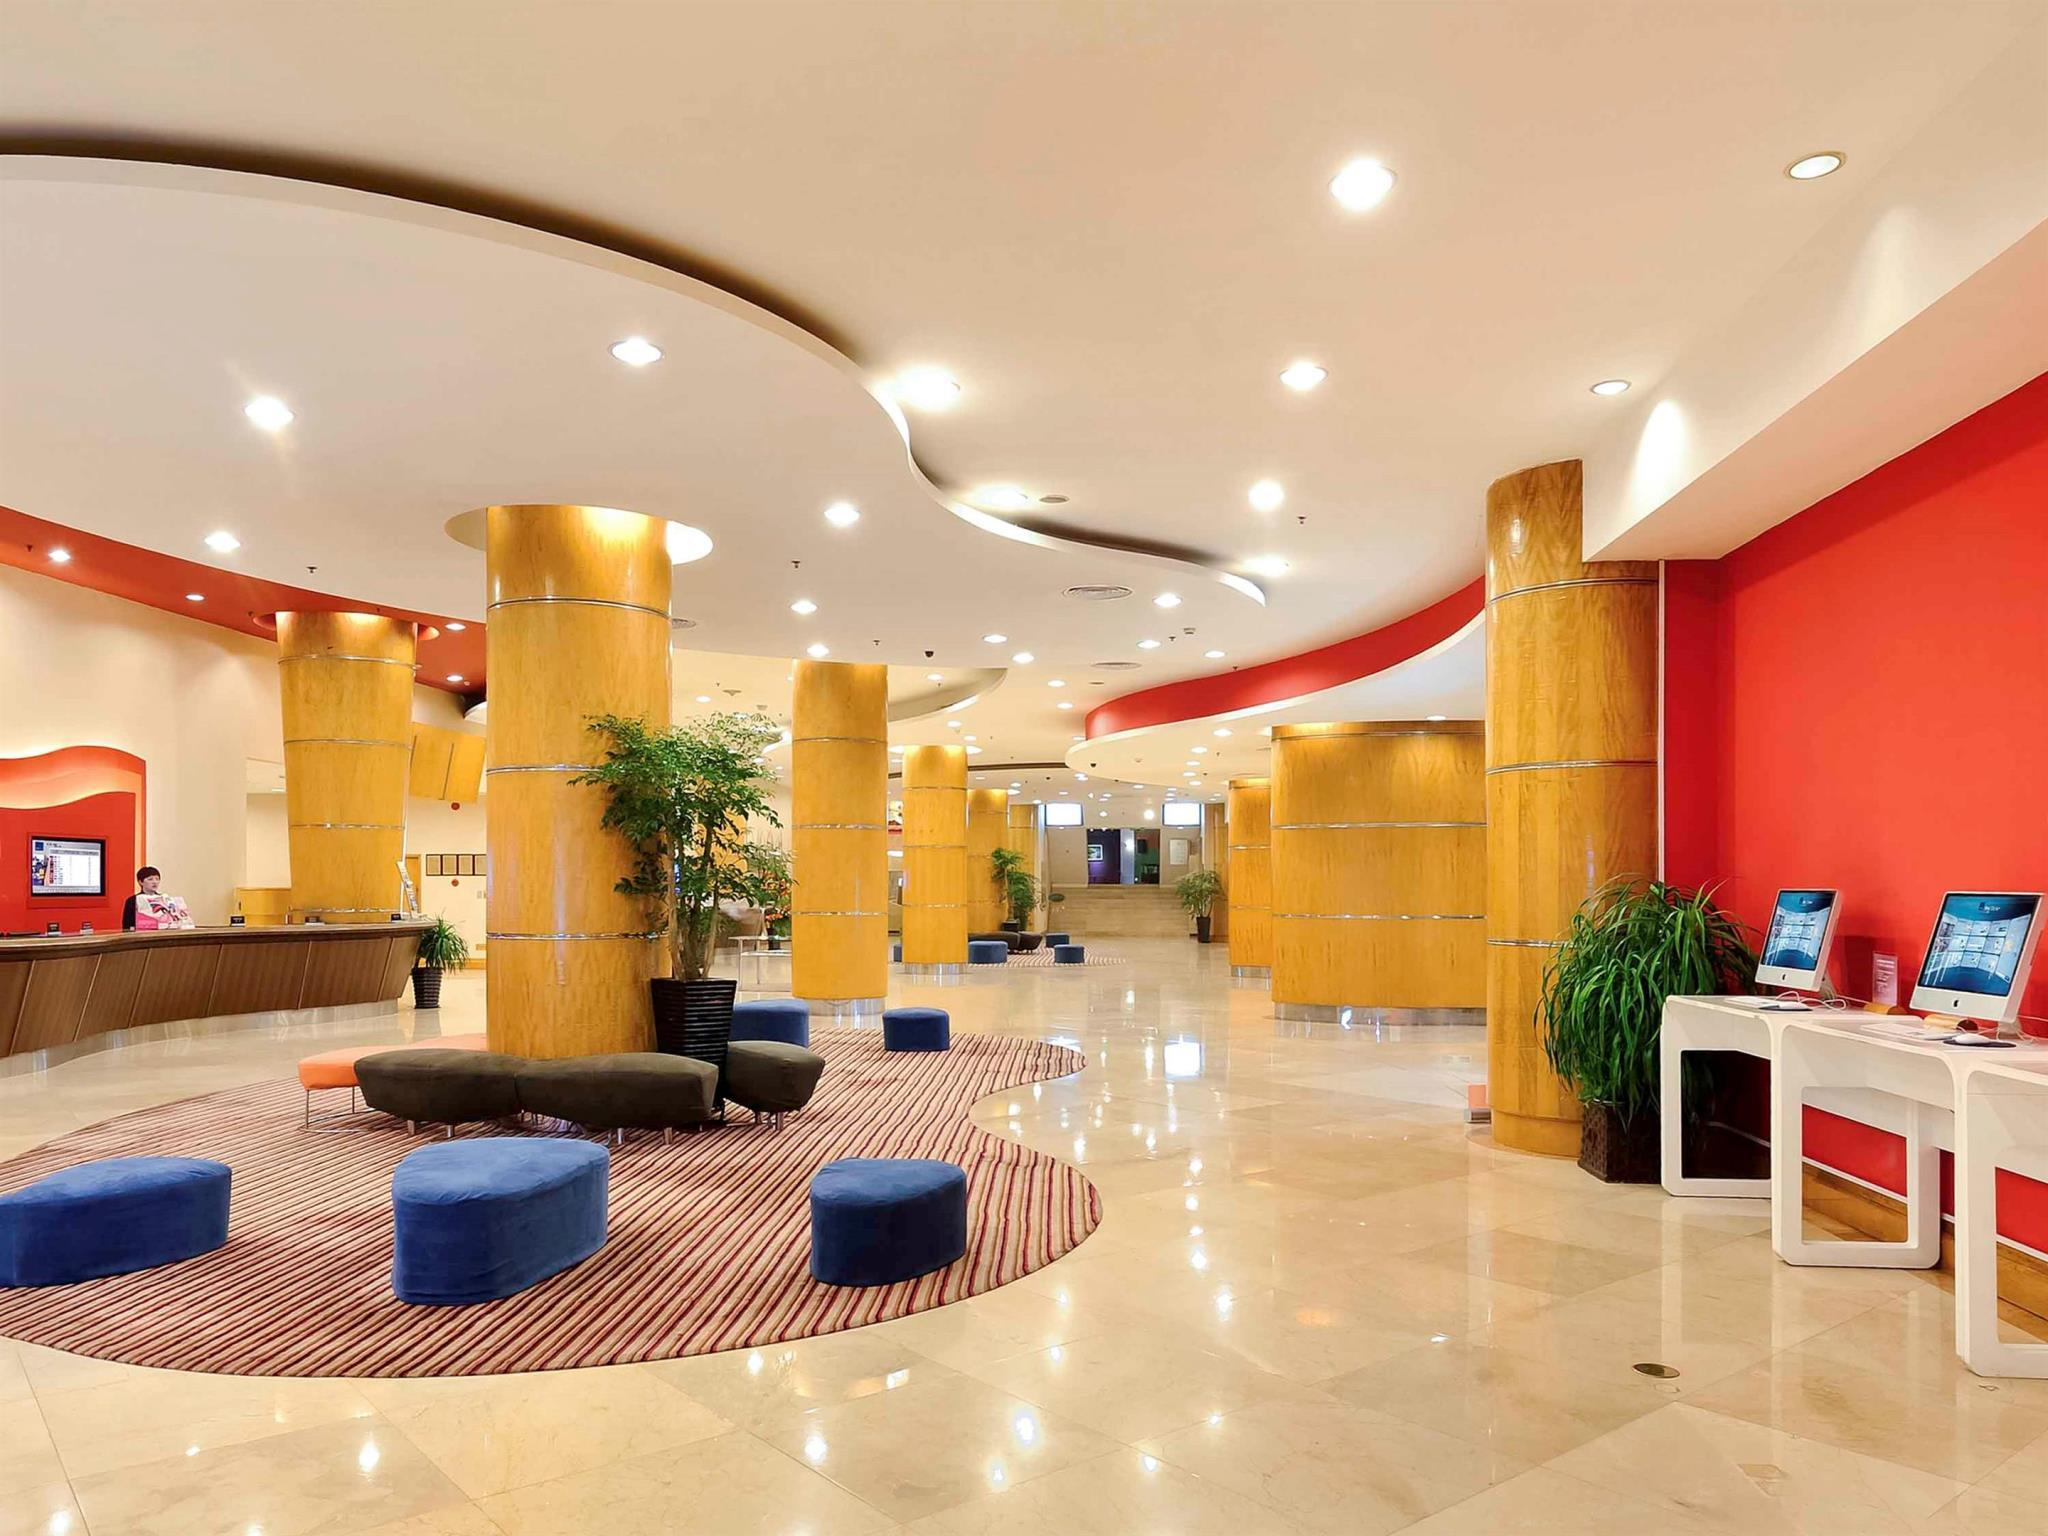 北京北京新僑諾富特飯店 (Novotel Beijing Xinqiao) - Agoda 提供行程前一刻網上即時優惠價格訂房服務